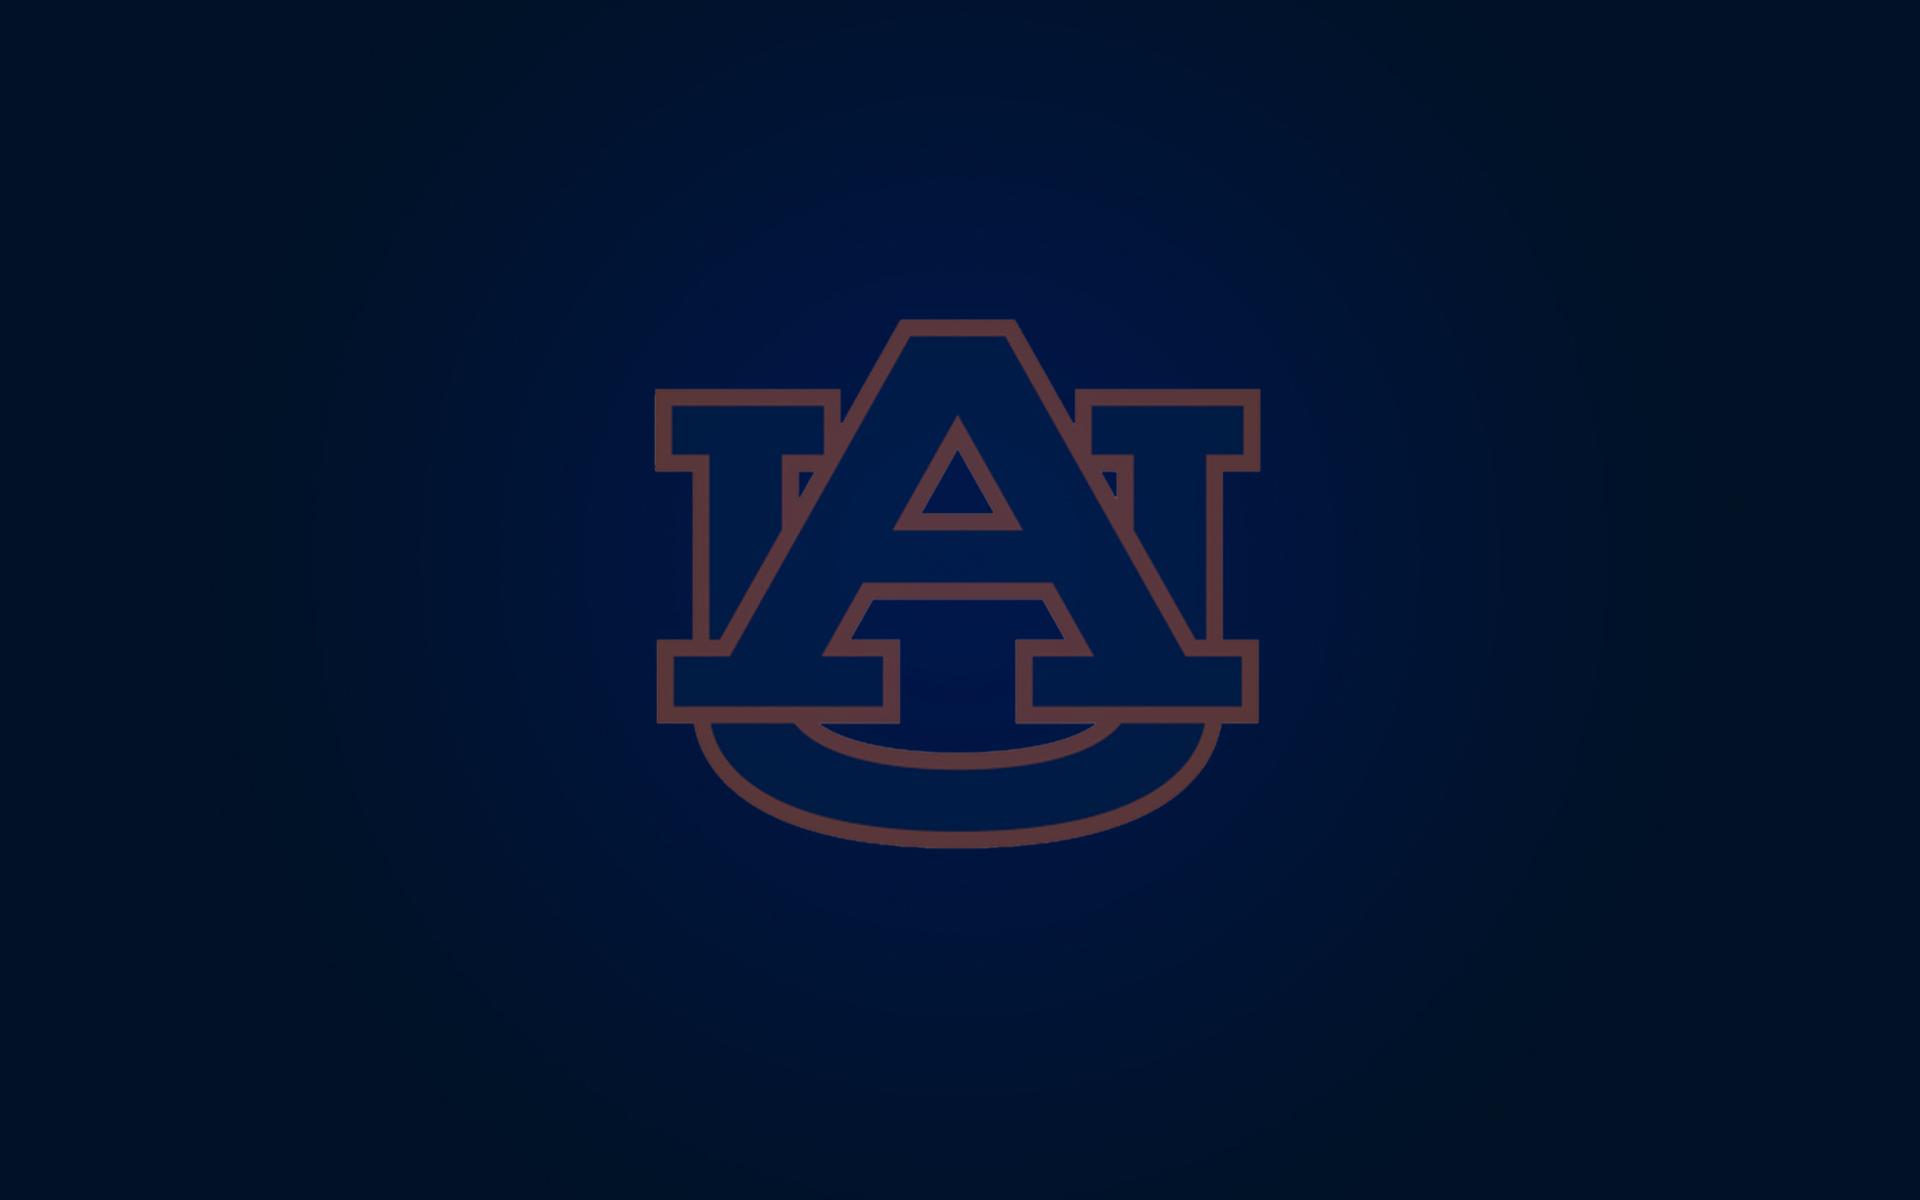 Auburn Wallpapers HD | PixelsTalk Net